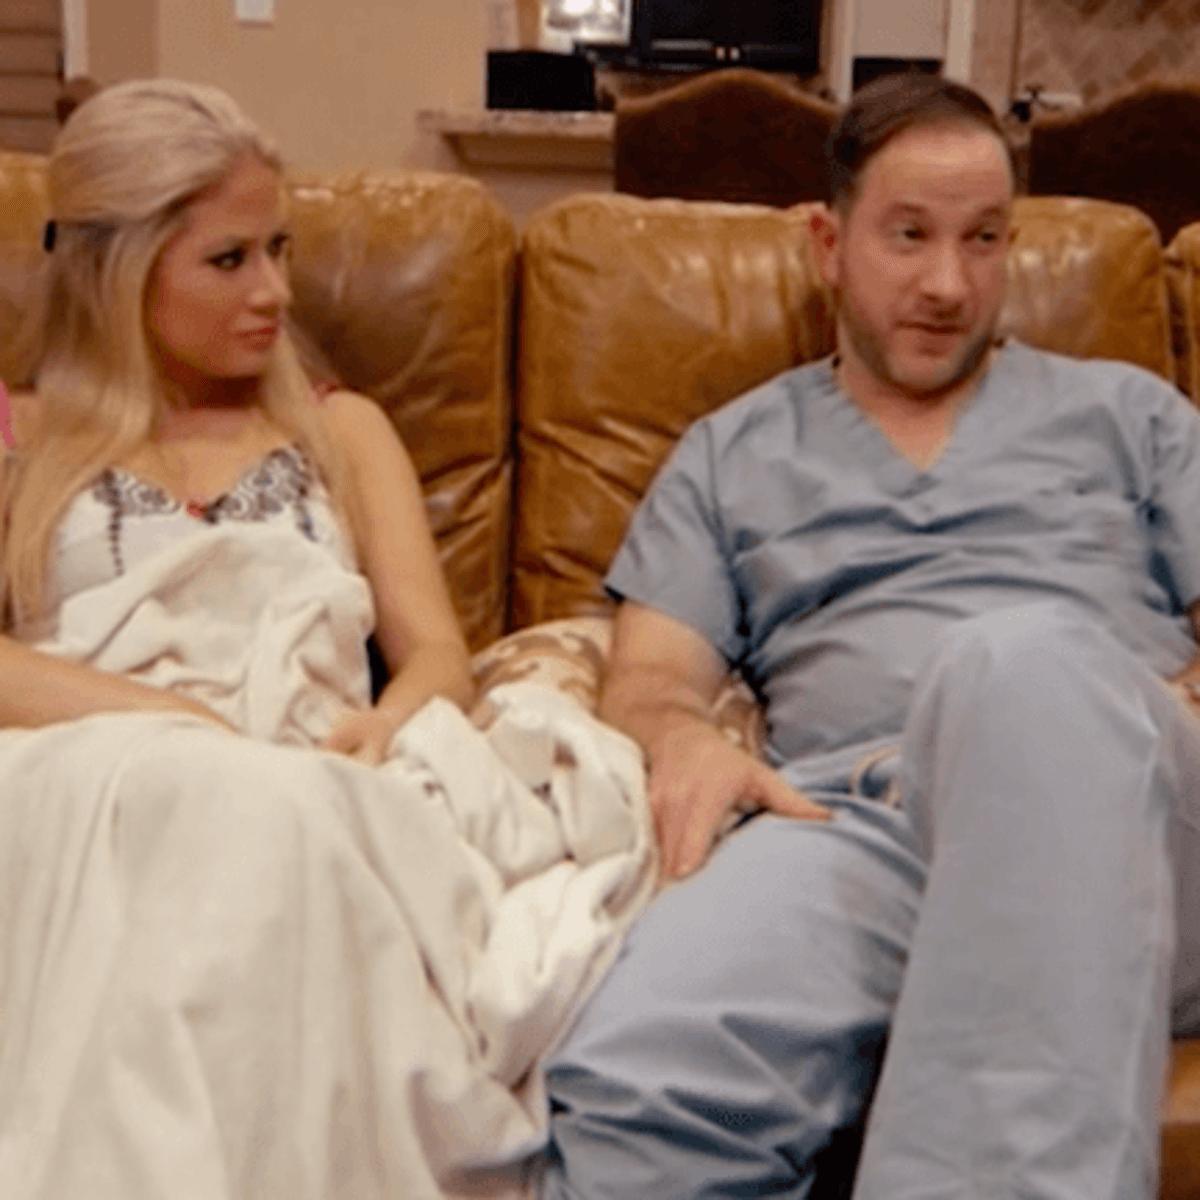 Married to Medicine Houston episode 6 recap, James and Rachel lecture Maribel